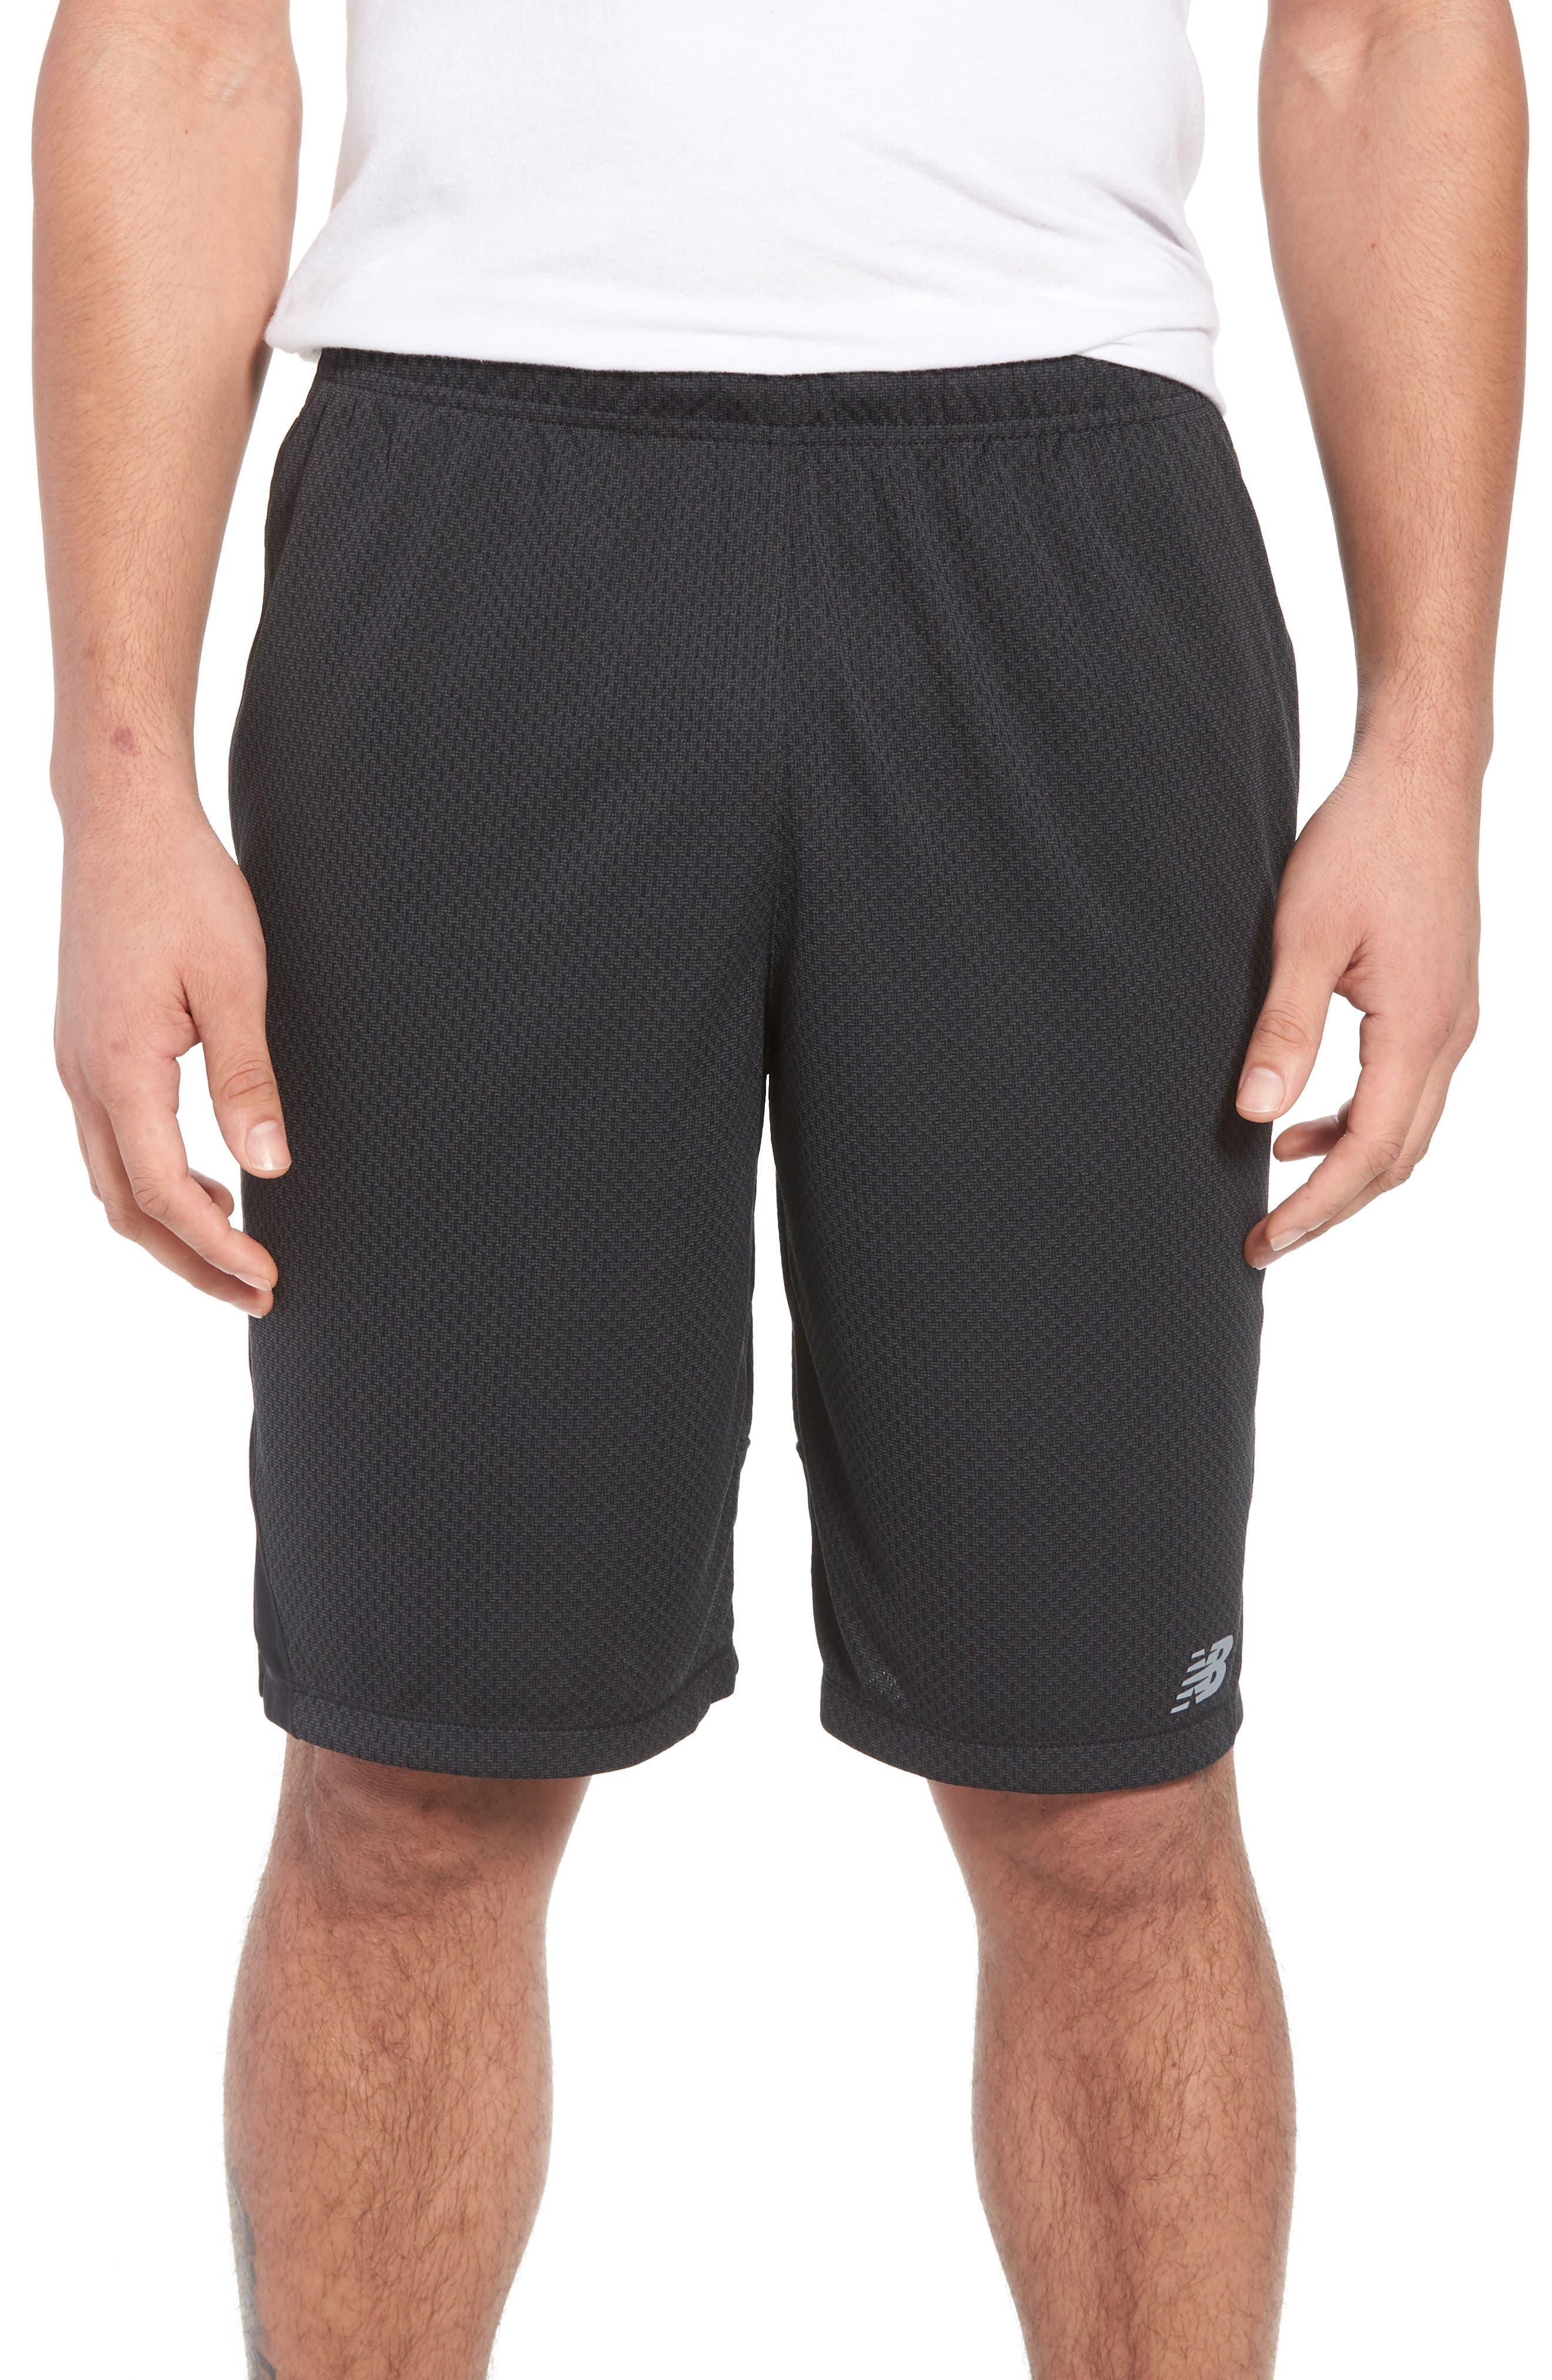 Tencity Knit Shorts,                         Main,                         color, Black